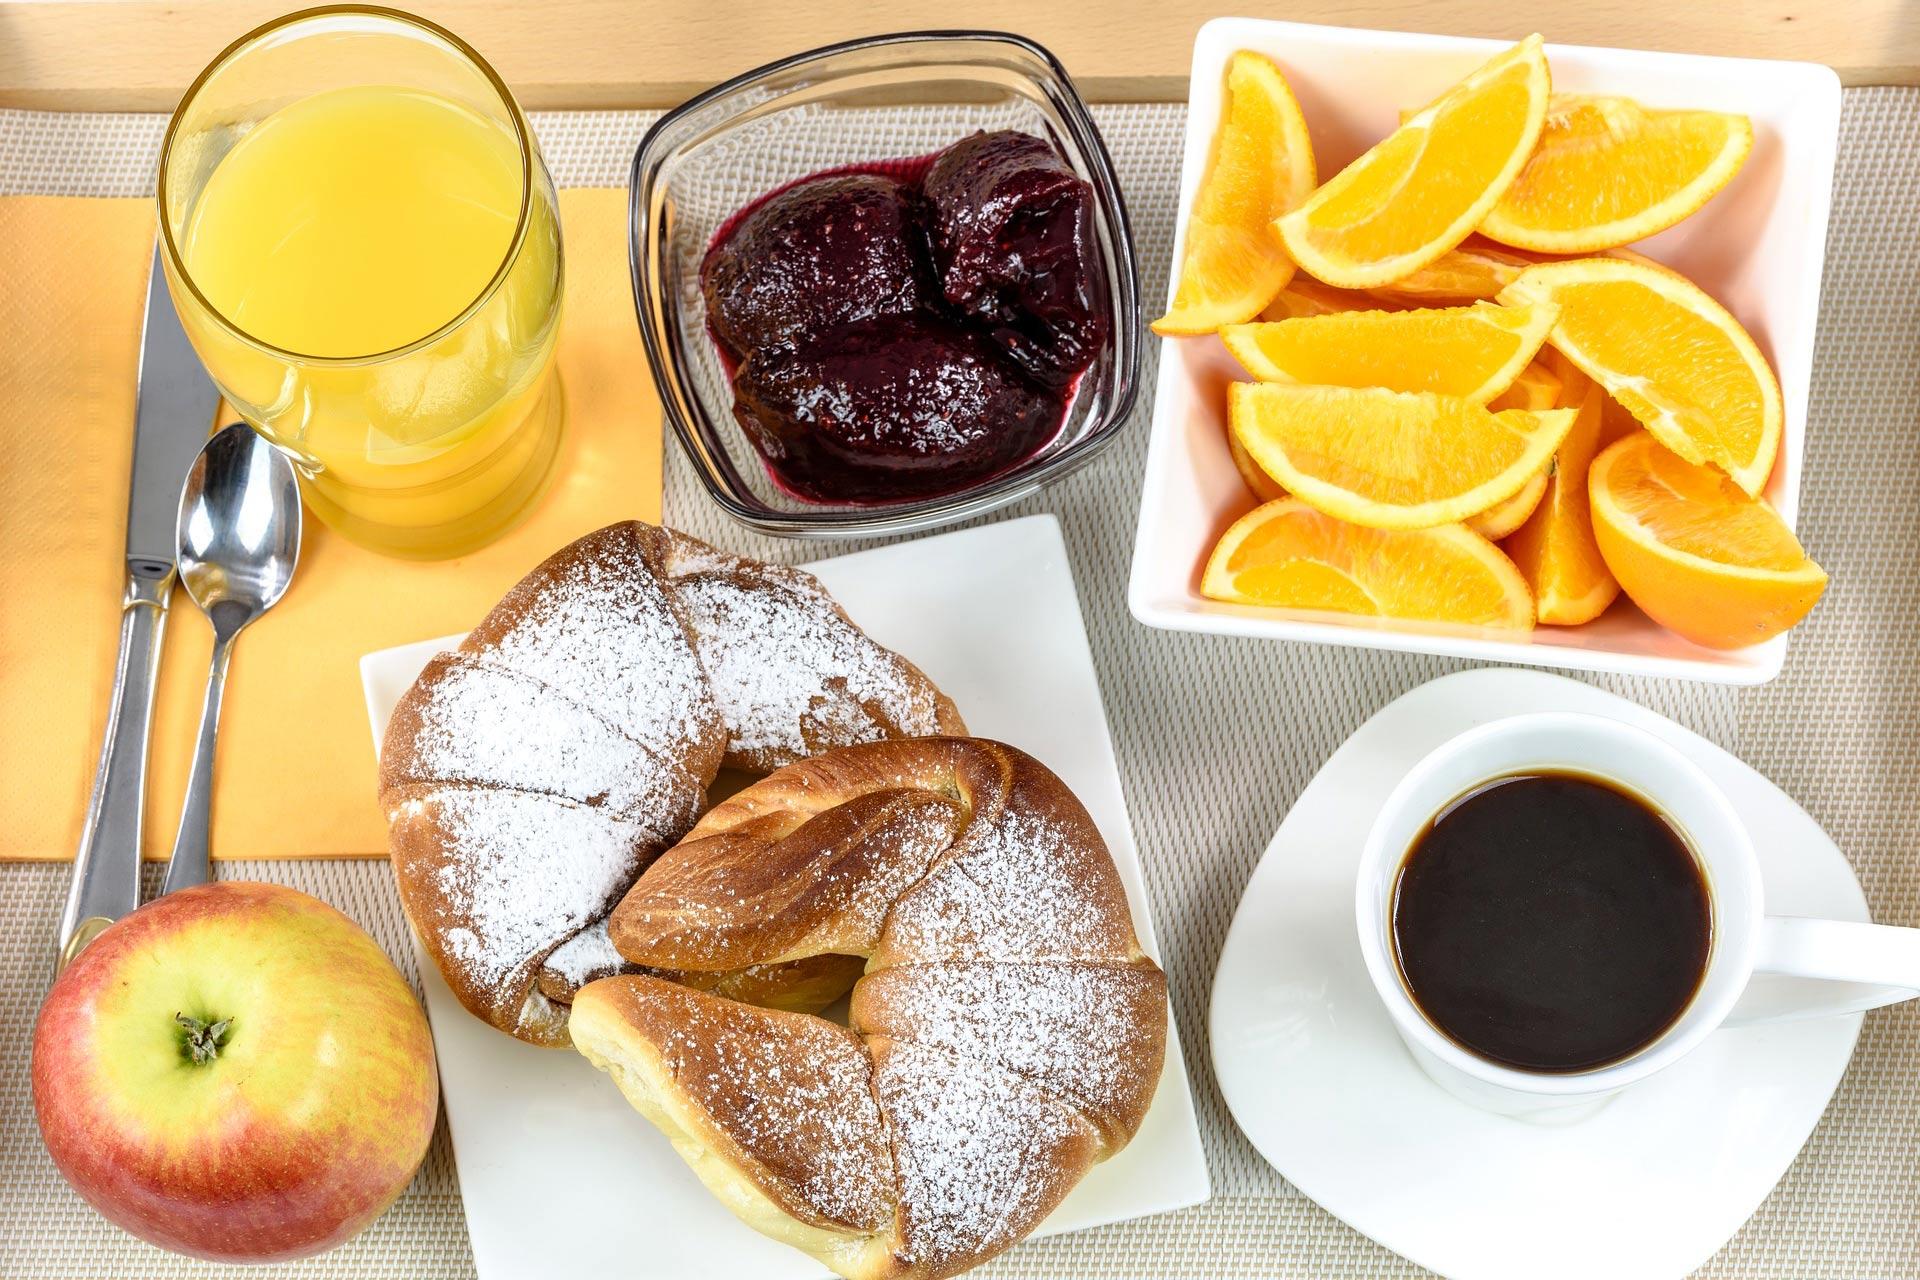 breakfast-hotel-1921530_1920